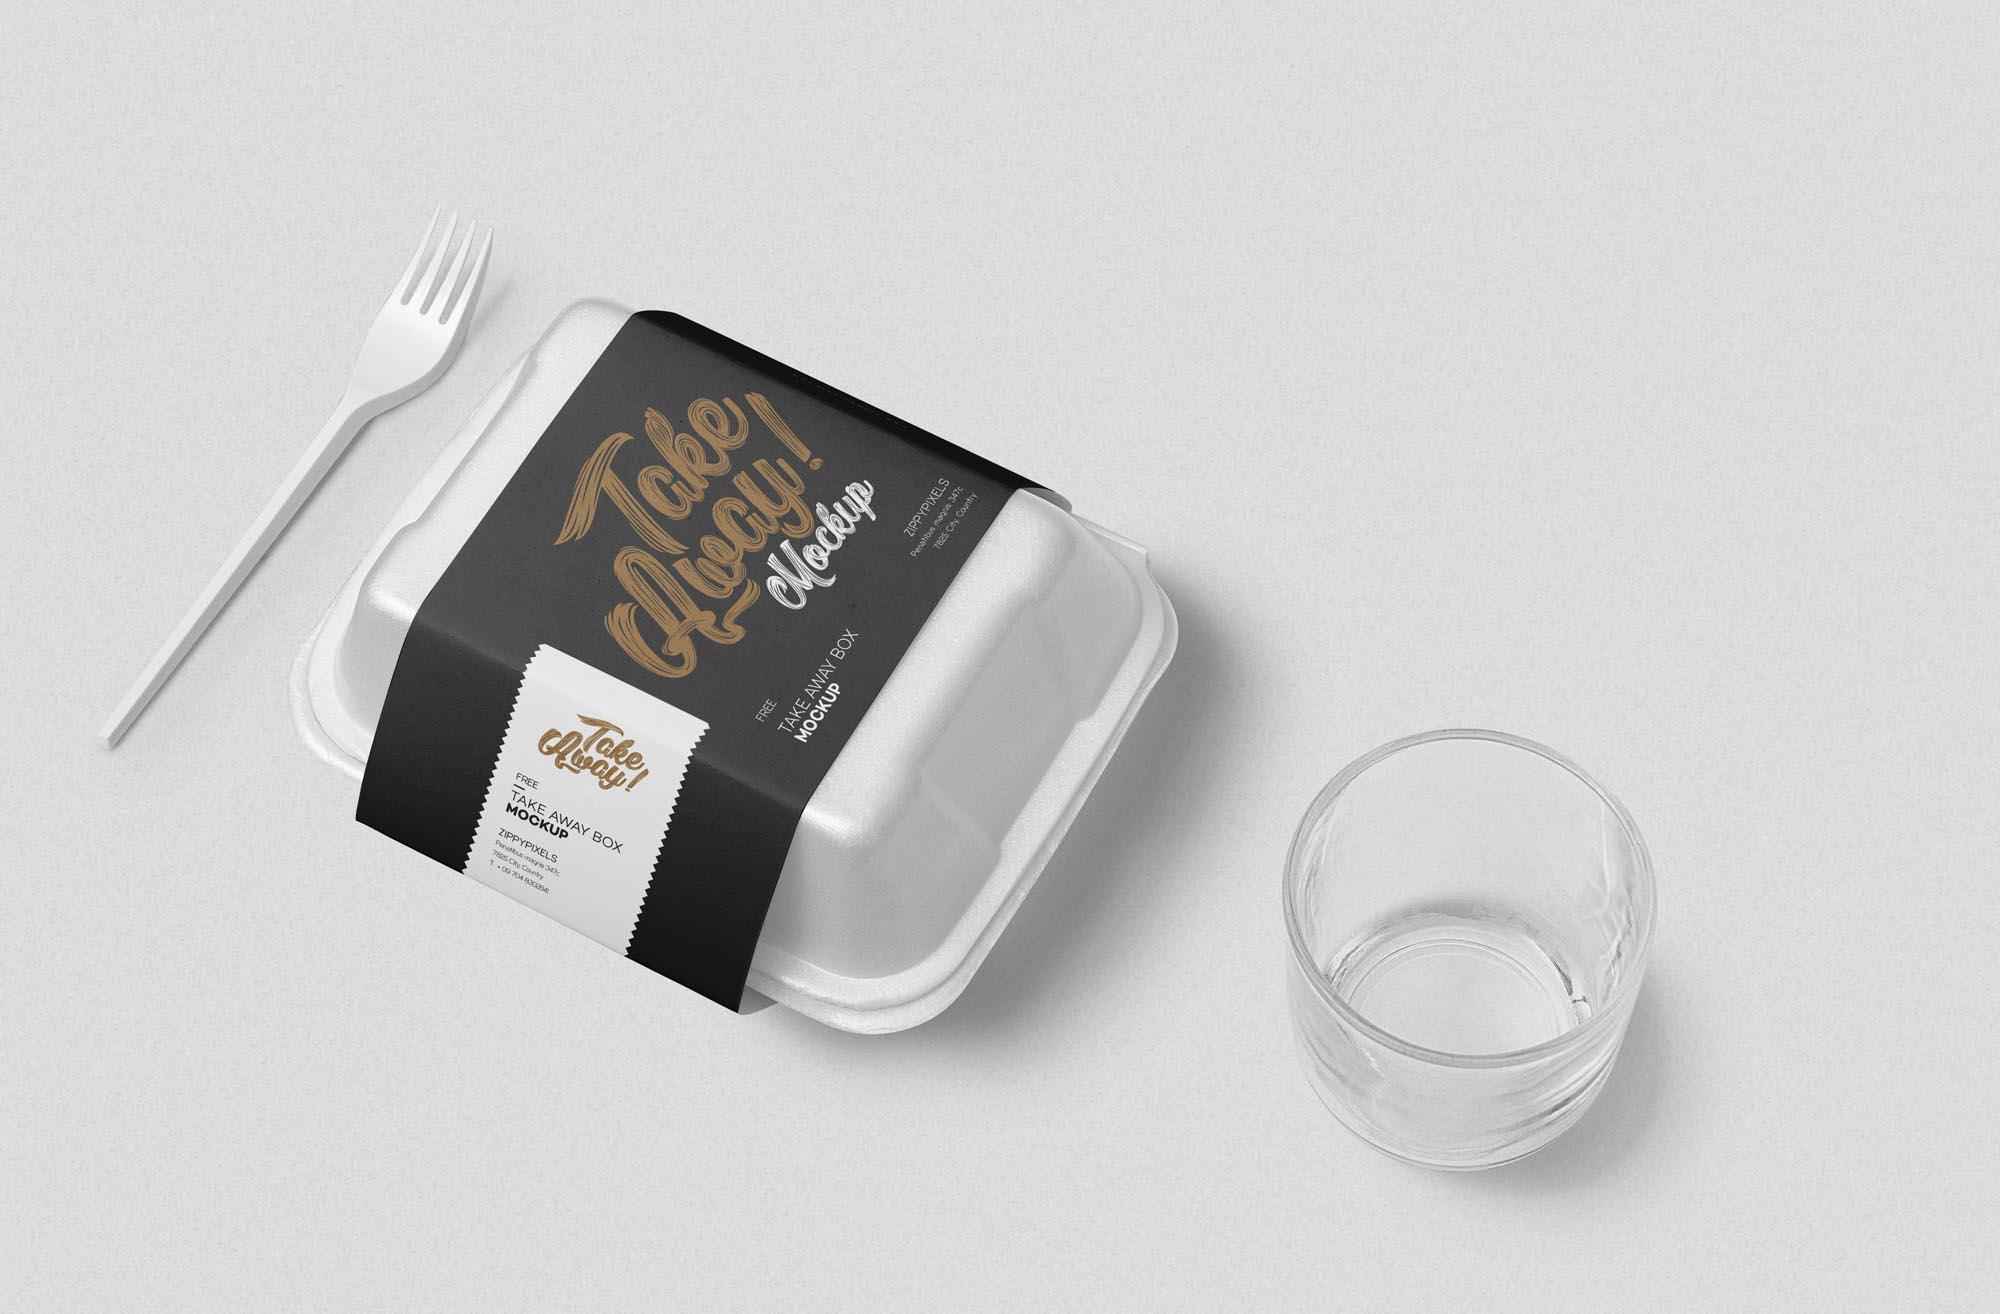 3cfbd84d589c482 - 方形餐盒贴纸包装样机